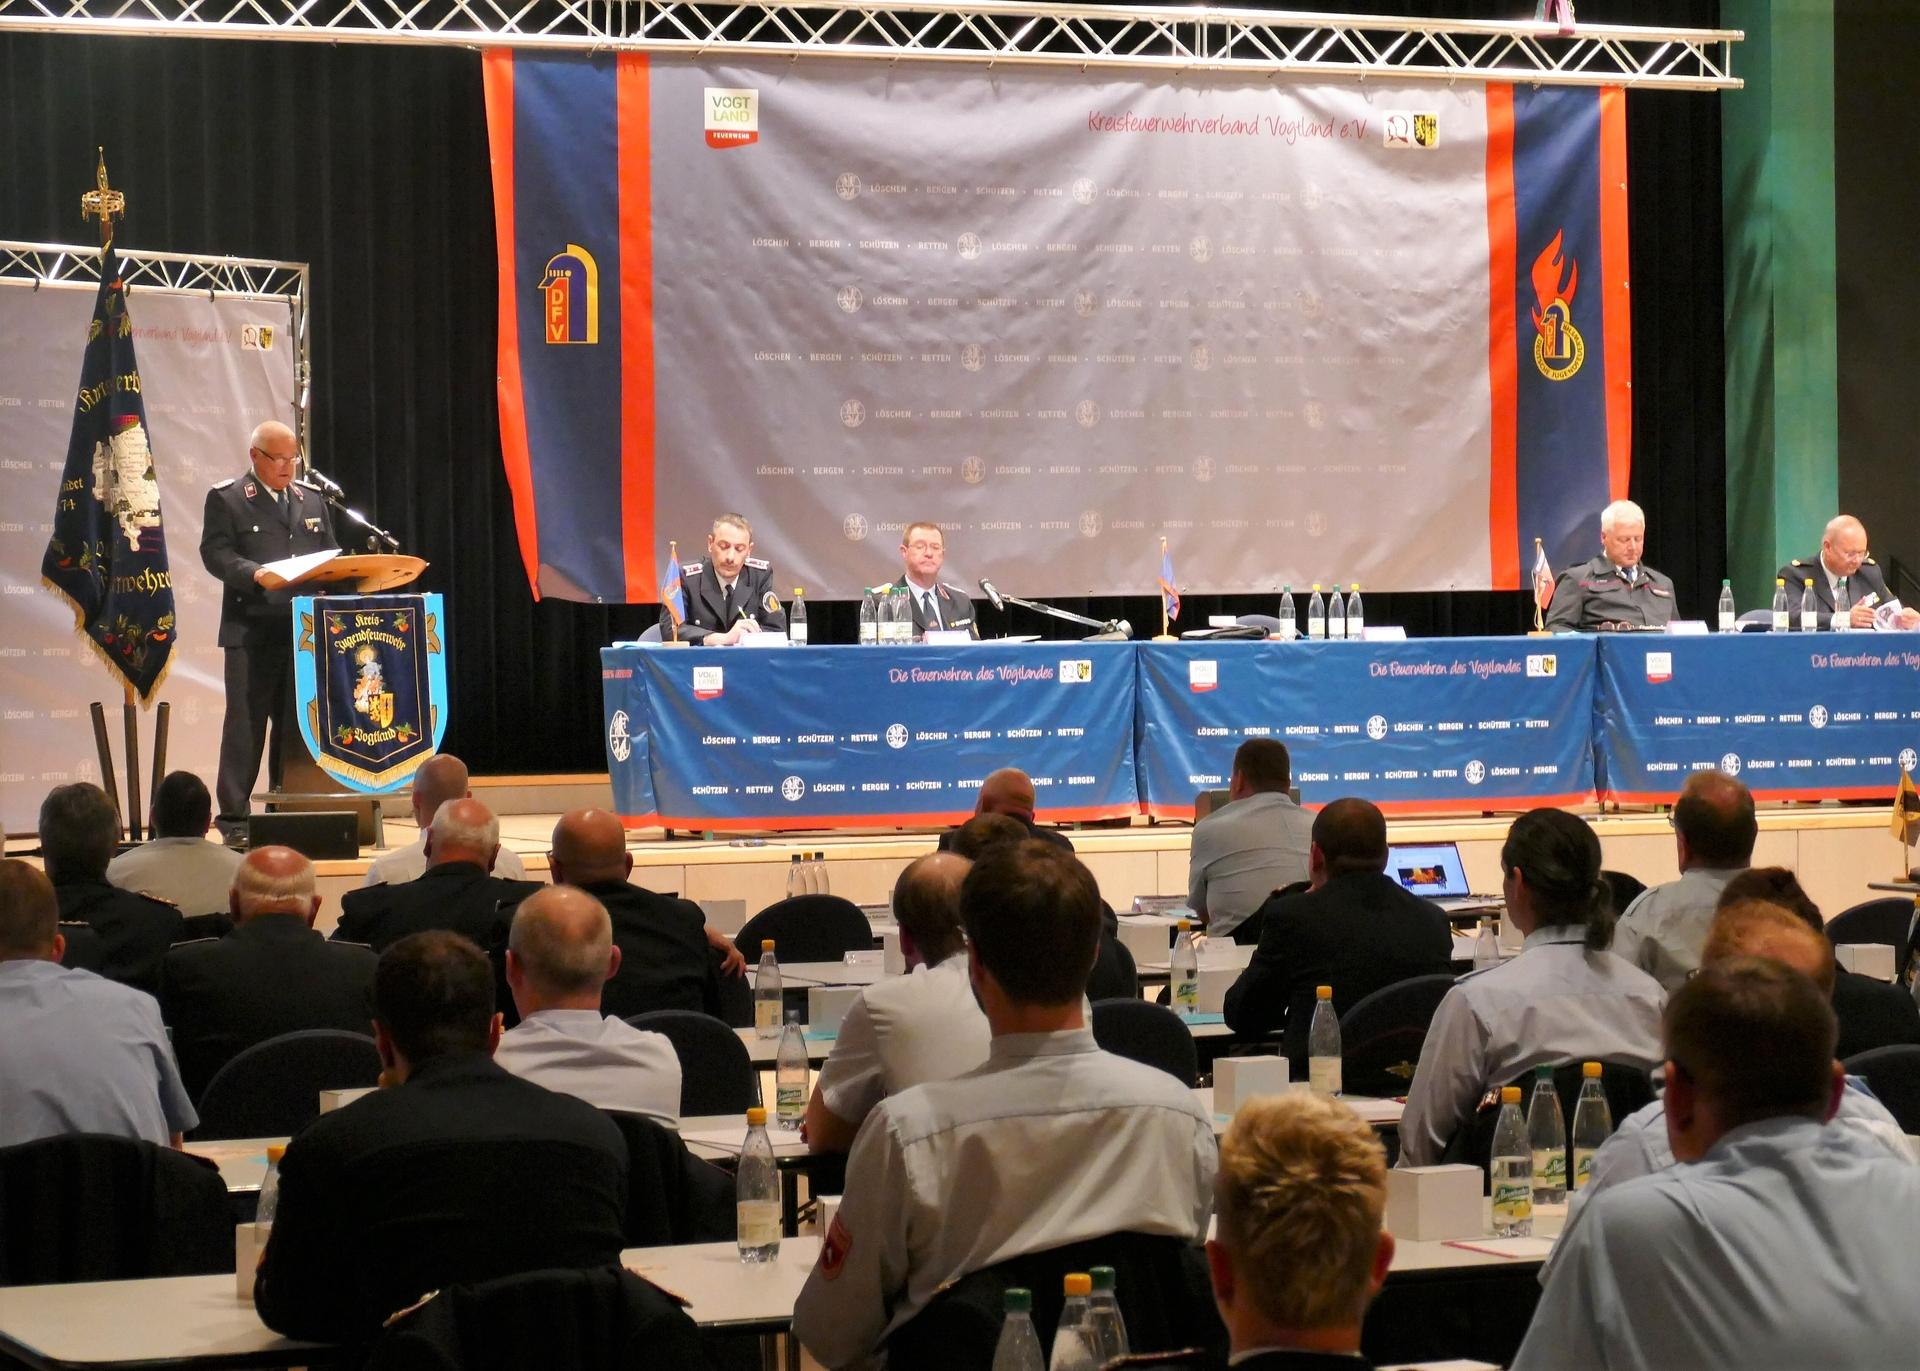 Foto der Galerie: Delegiertenversammlung des KFV Vogtland bestätigt Vorstand